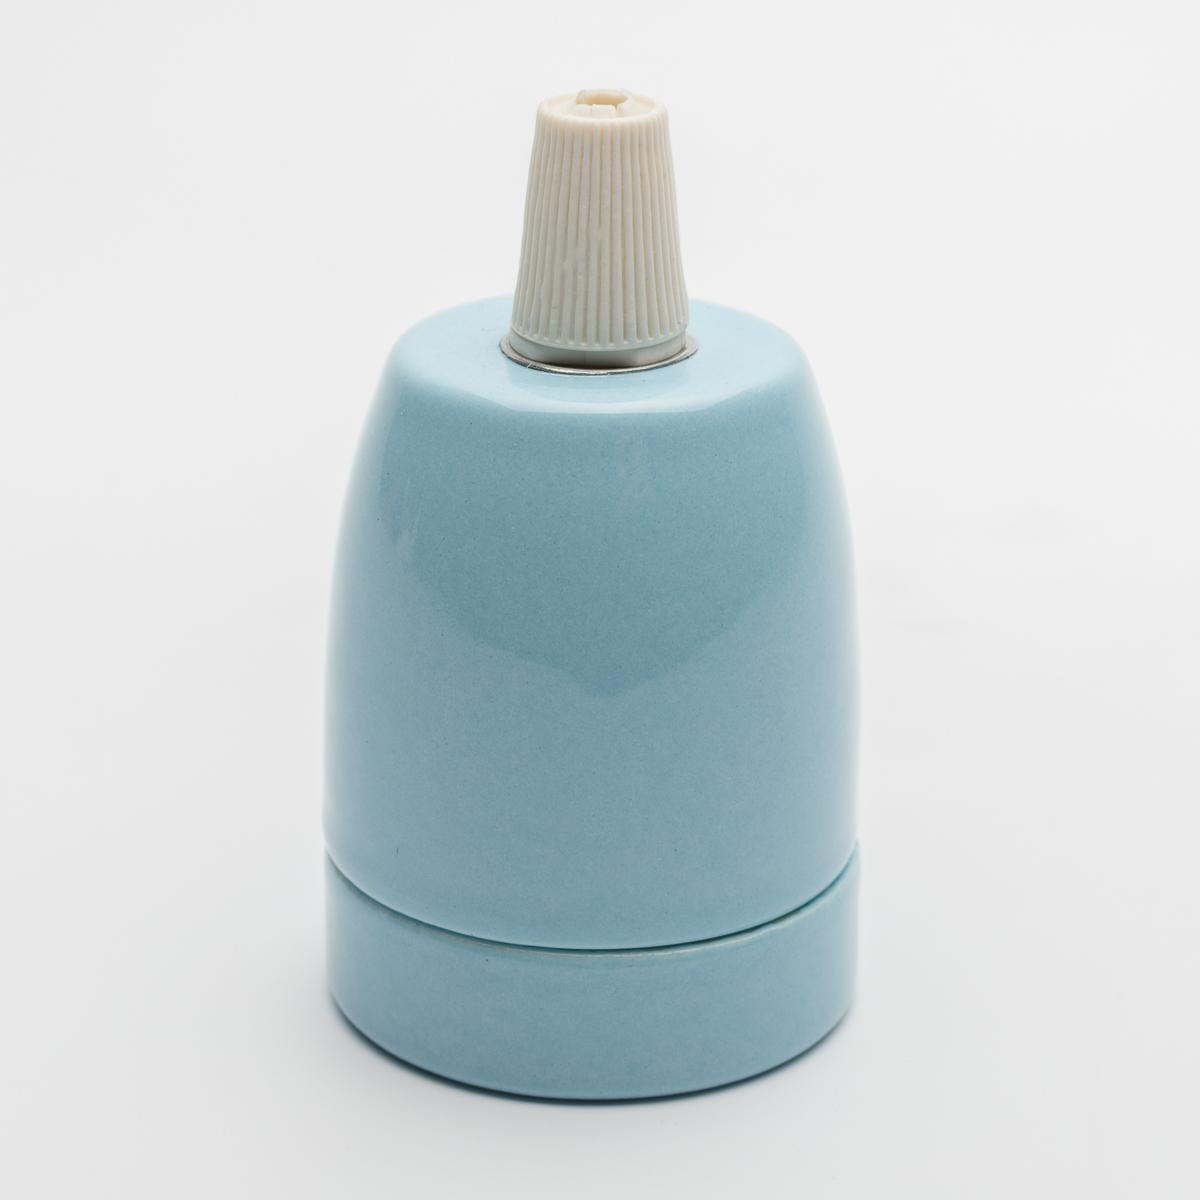 Патрон керамический голубой